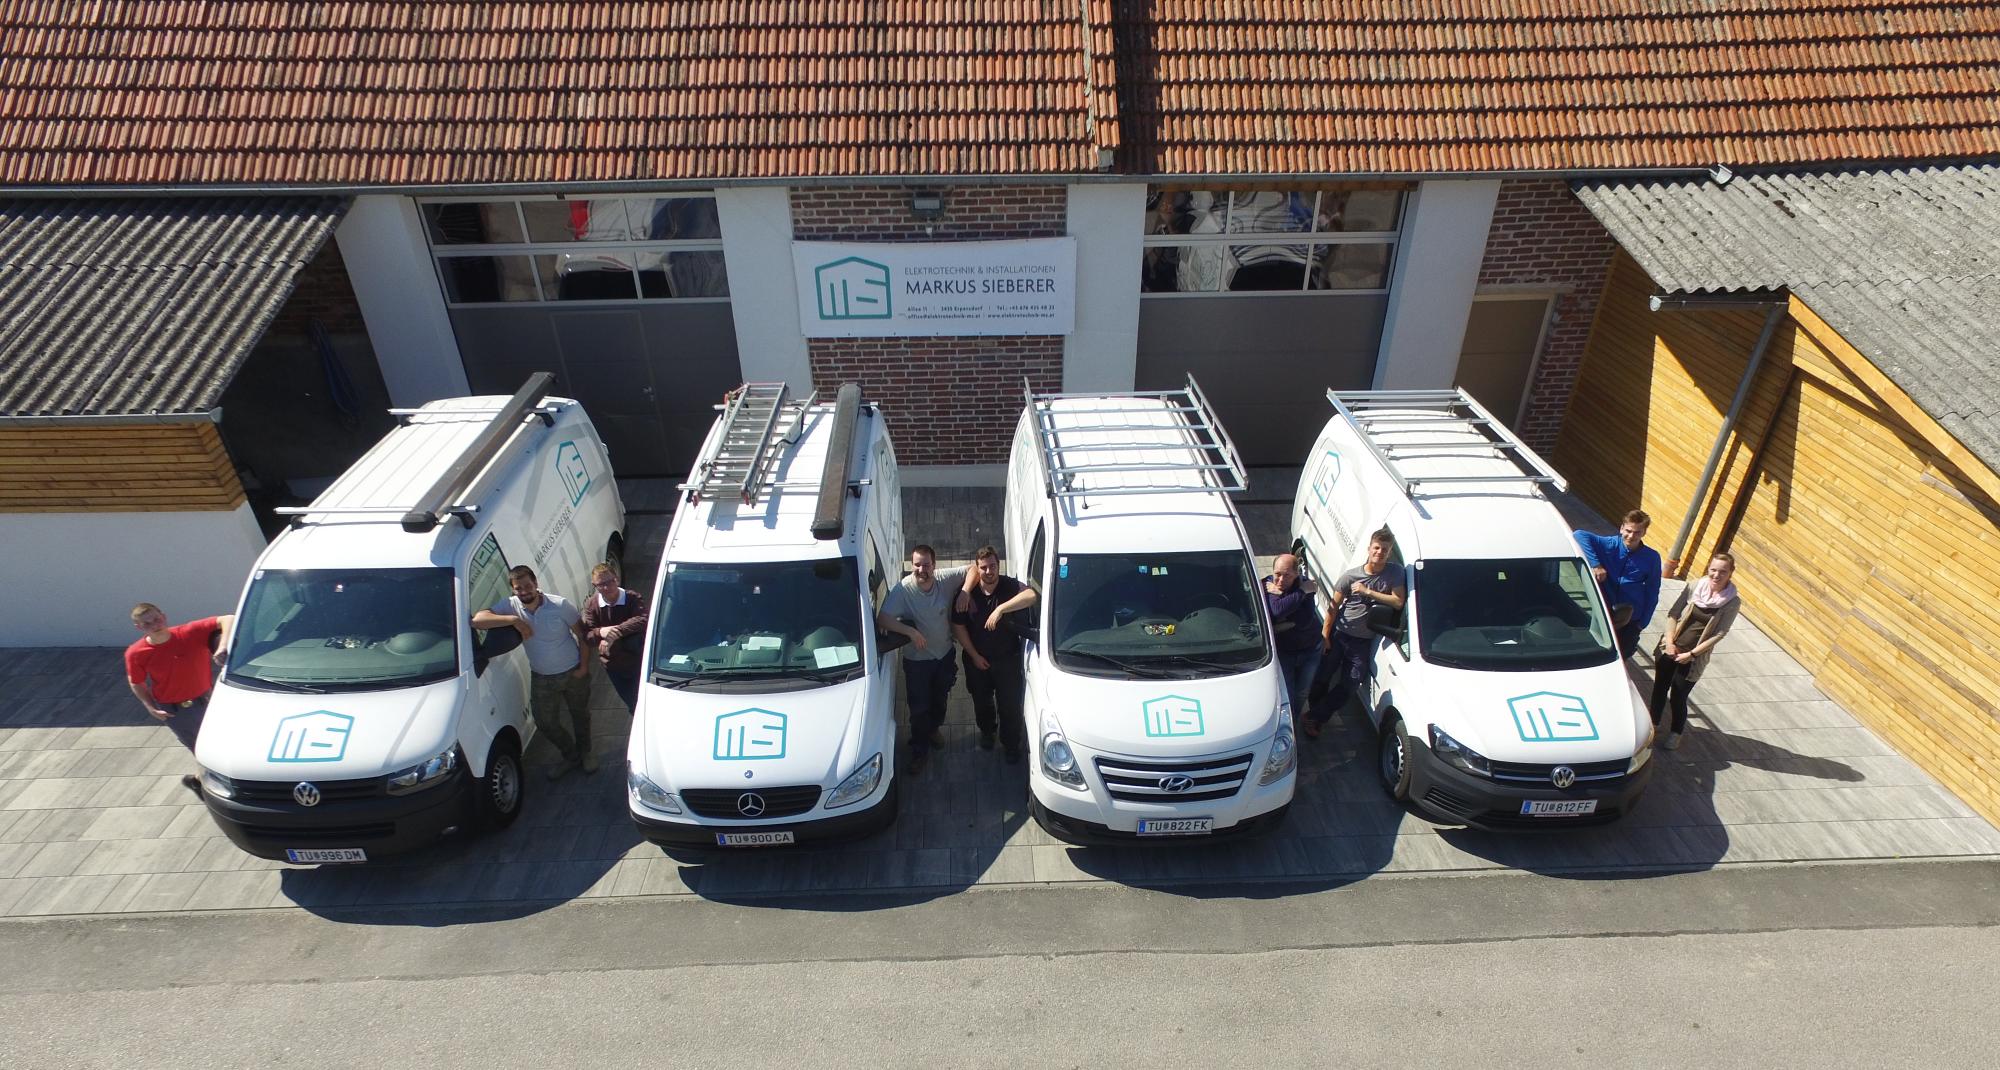 Team und Autos Haustechnik Markus Sieberer